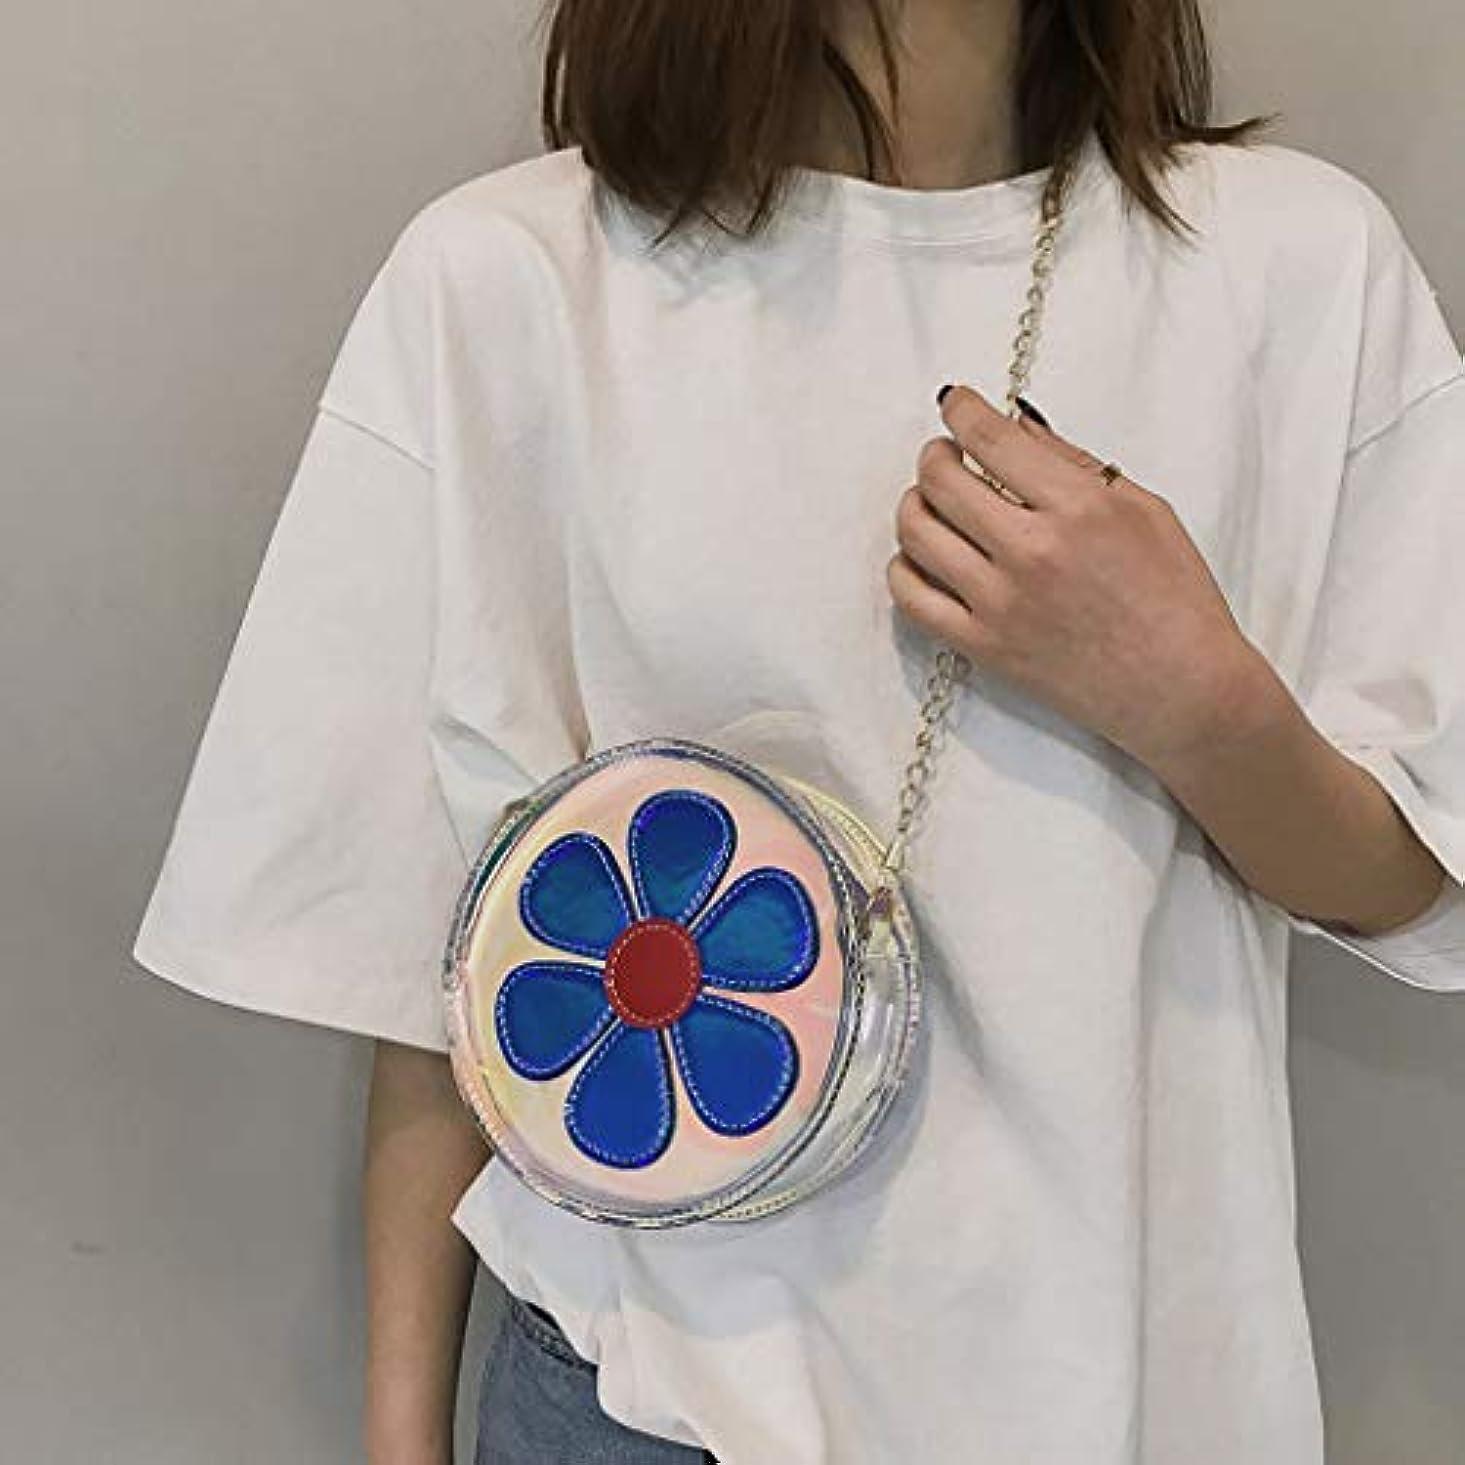 有利クリームお女性カジュアル野生透明花かわいいショルダーバッグメッセンジャーバッグ、ファッション女性透明レーザーフラワーショルダーバッグメッセンジャーバッグ (ブルー)